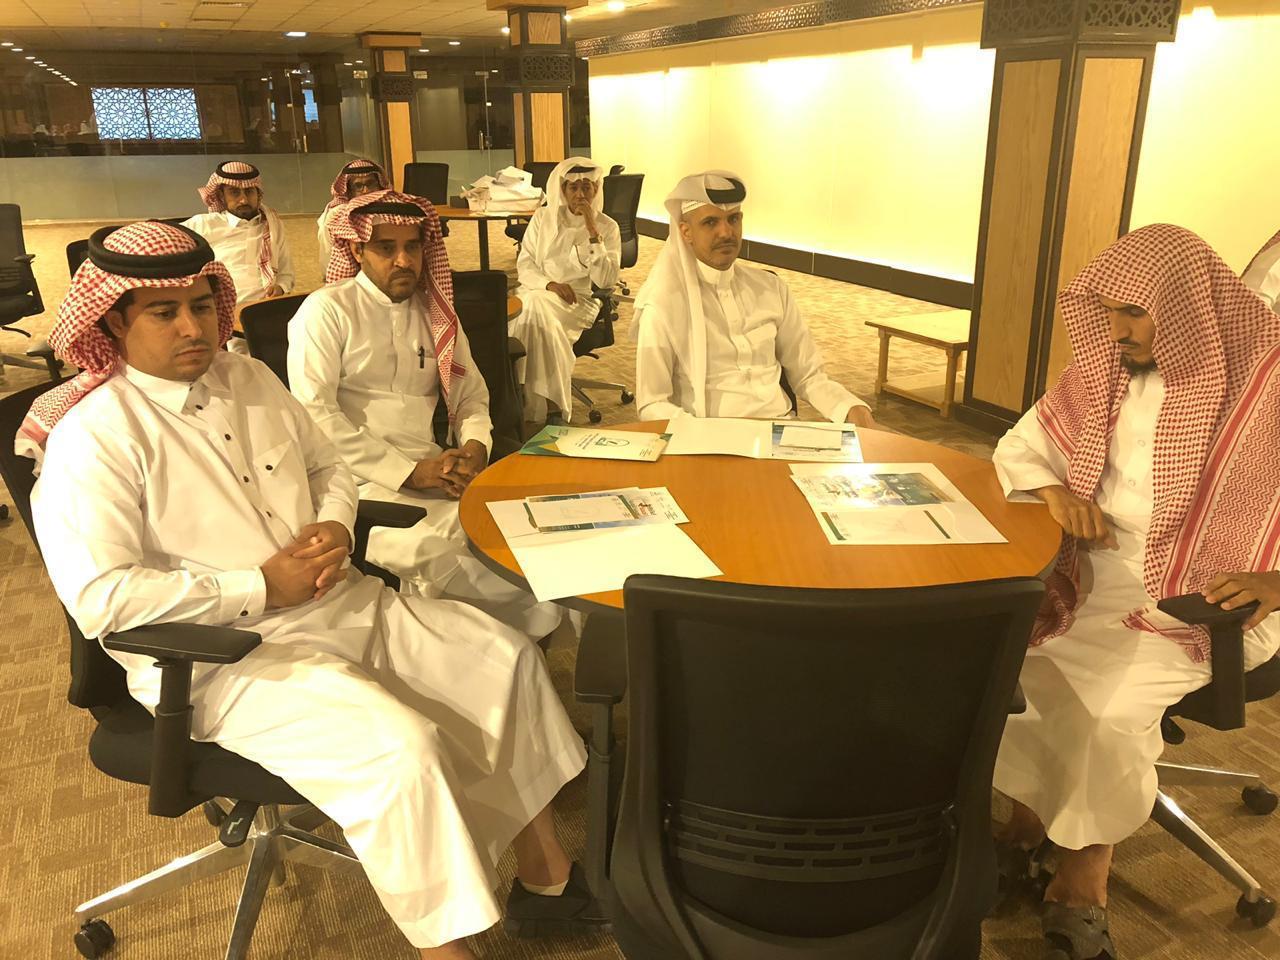 تعليم مكة يعقد اللقاء التعريفي لمعلمي ومعلمات الحملة الصيفية للتوعية ومحو الأمية بقطاع البيضاء